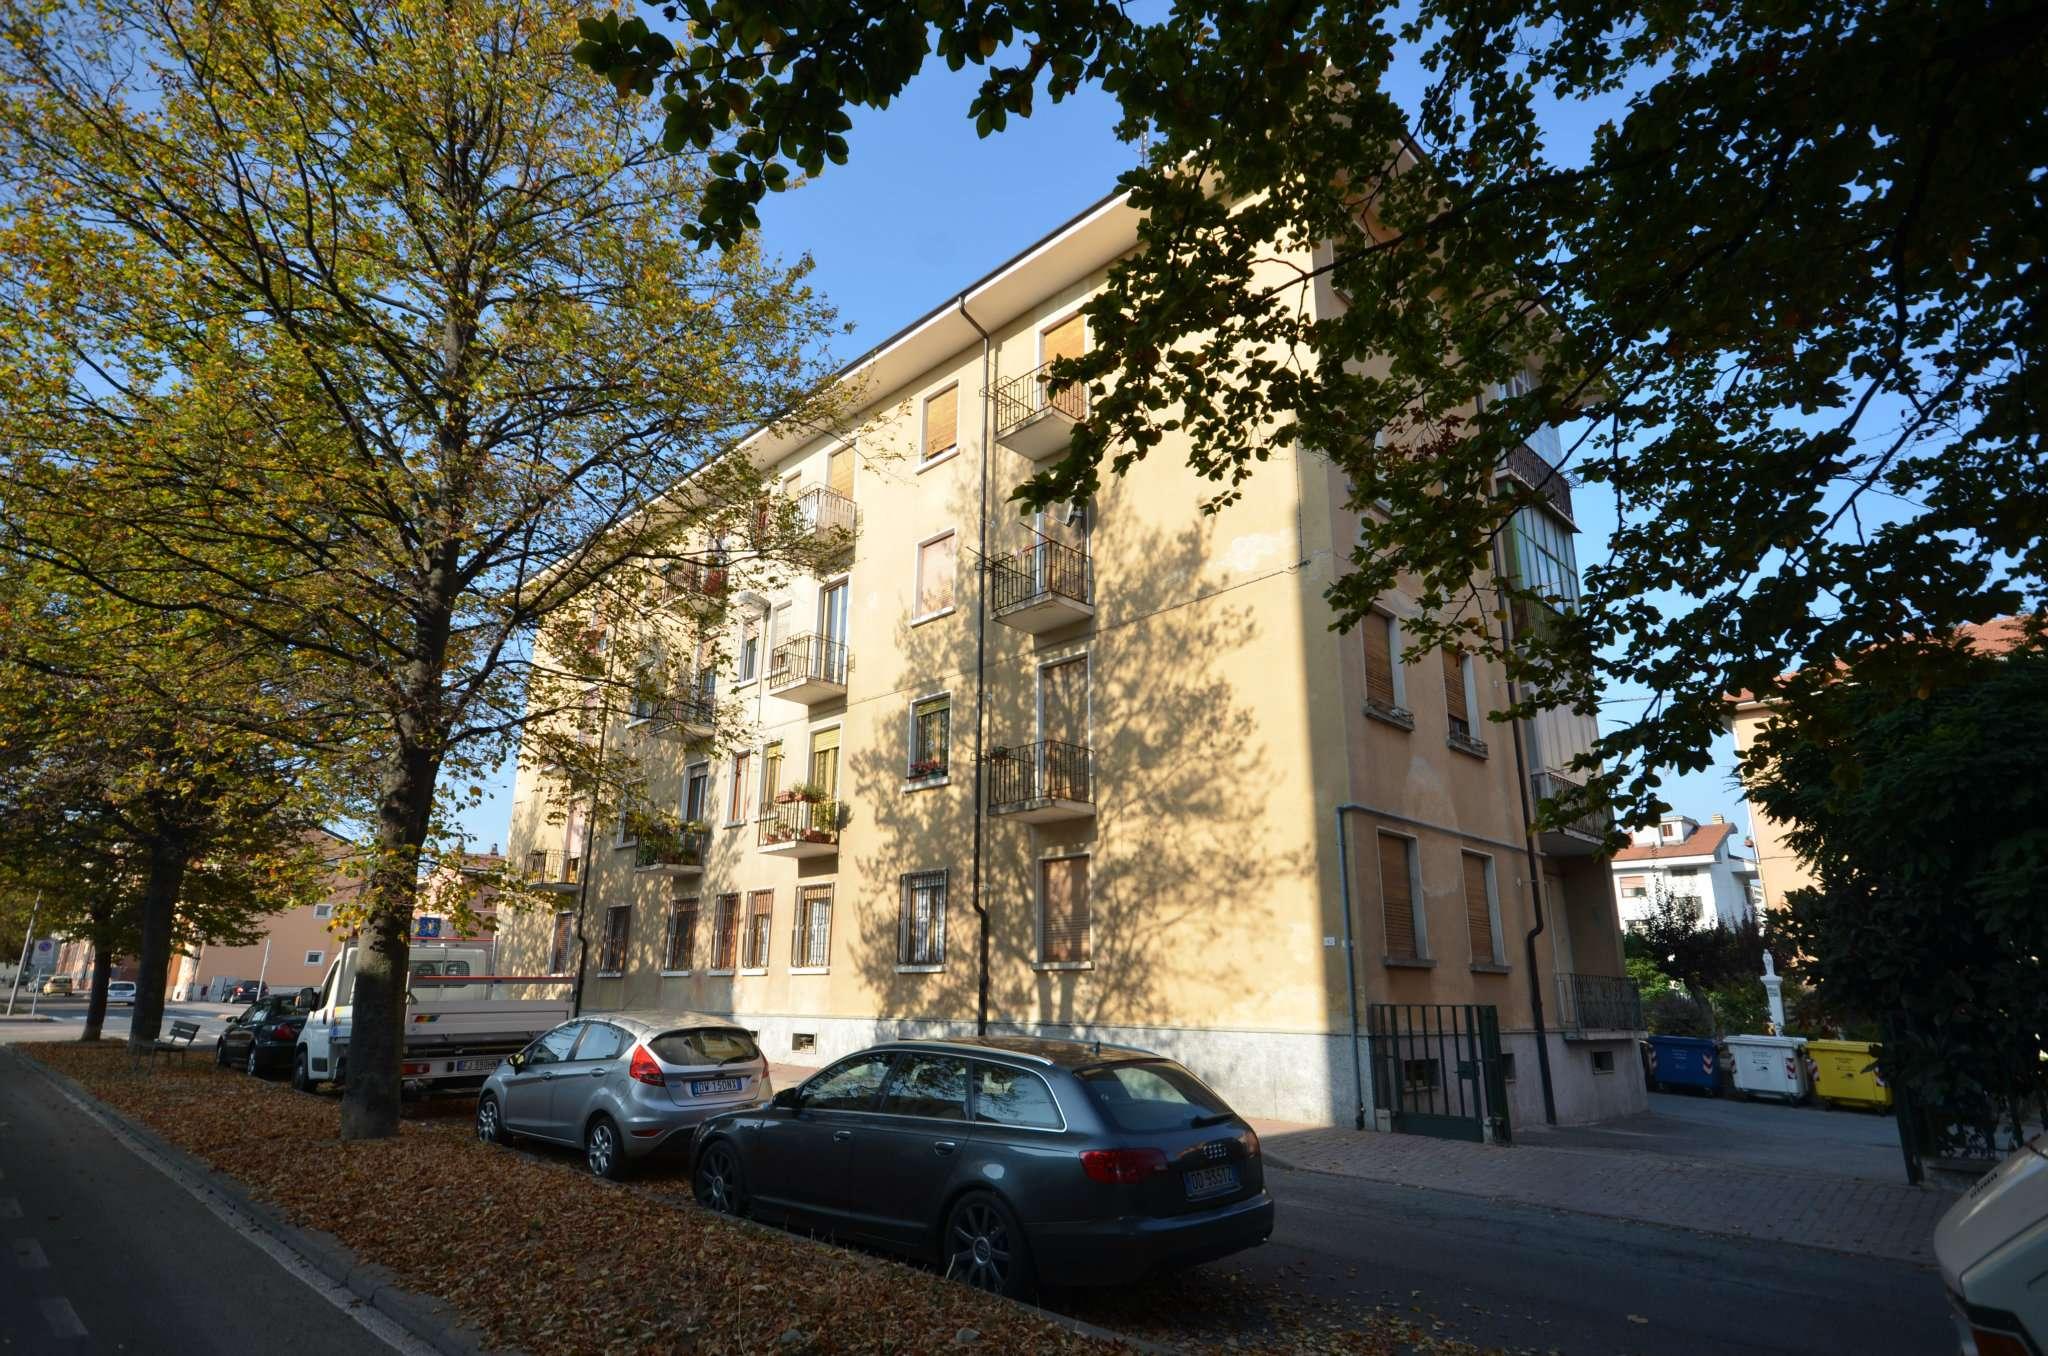 Appartamento in vendita a Cuneo, 4 locali, prezzo € 85.000 | CambioCasa.it